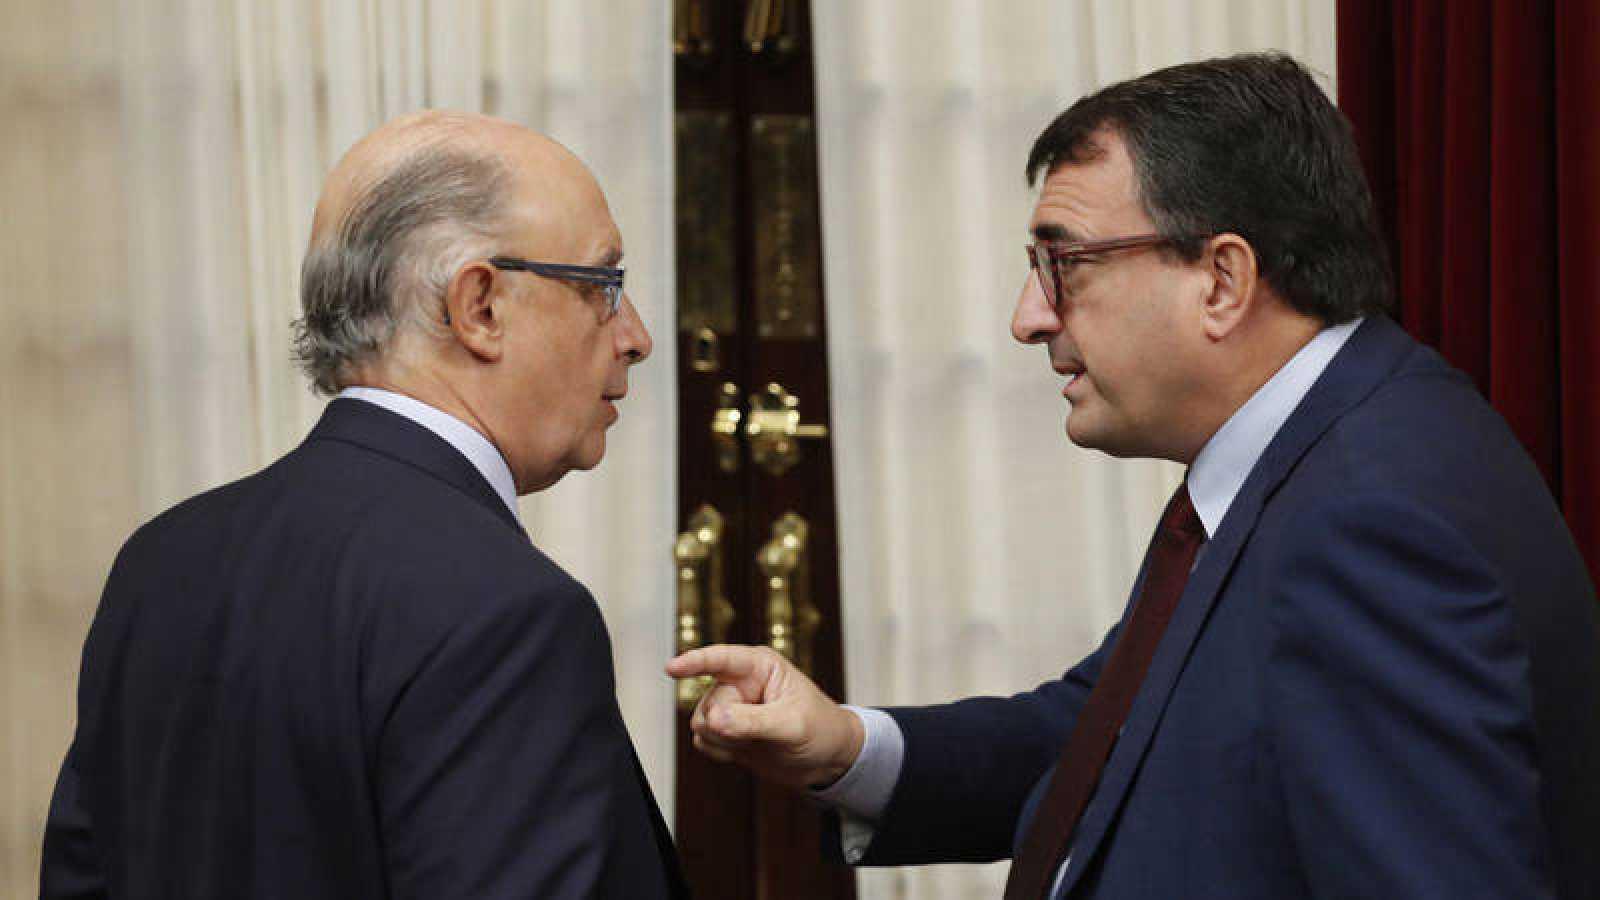 Cristóbal Montoro y Aitor Esteban en el Congreso de los DIputados